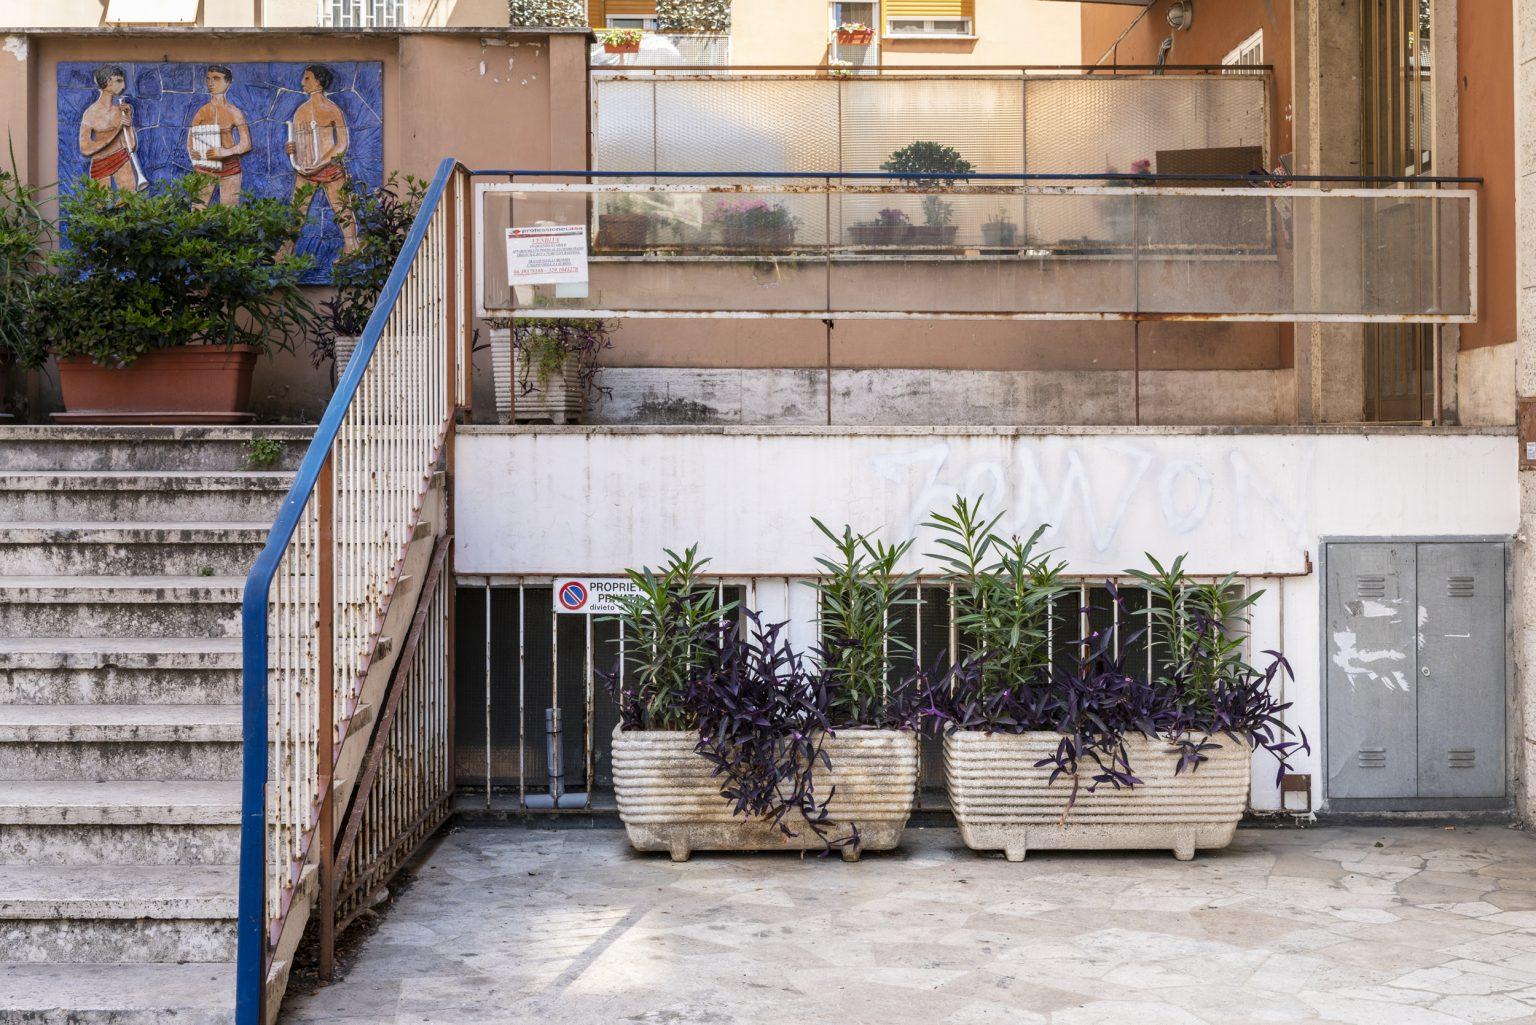 Rome, May 2017 - Via di boccea. Boccea district. >< Roma, maggio 2017 - Via di Boccea. Quartiere Boccea.